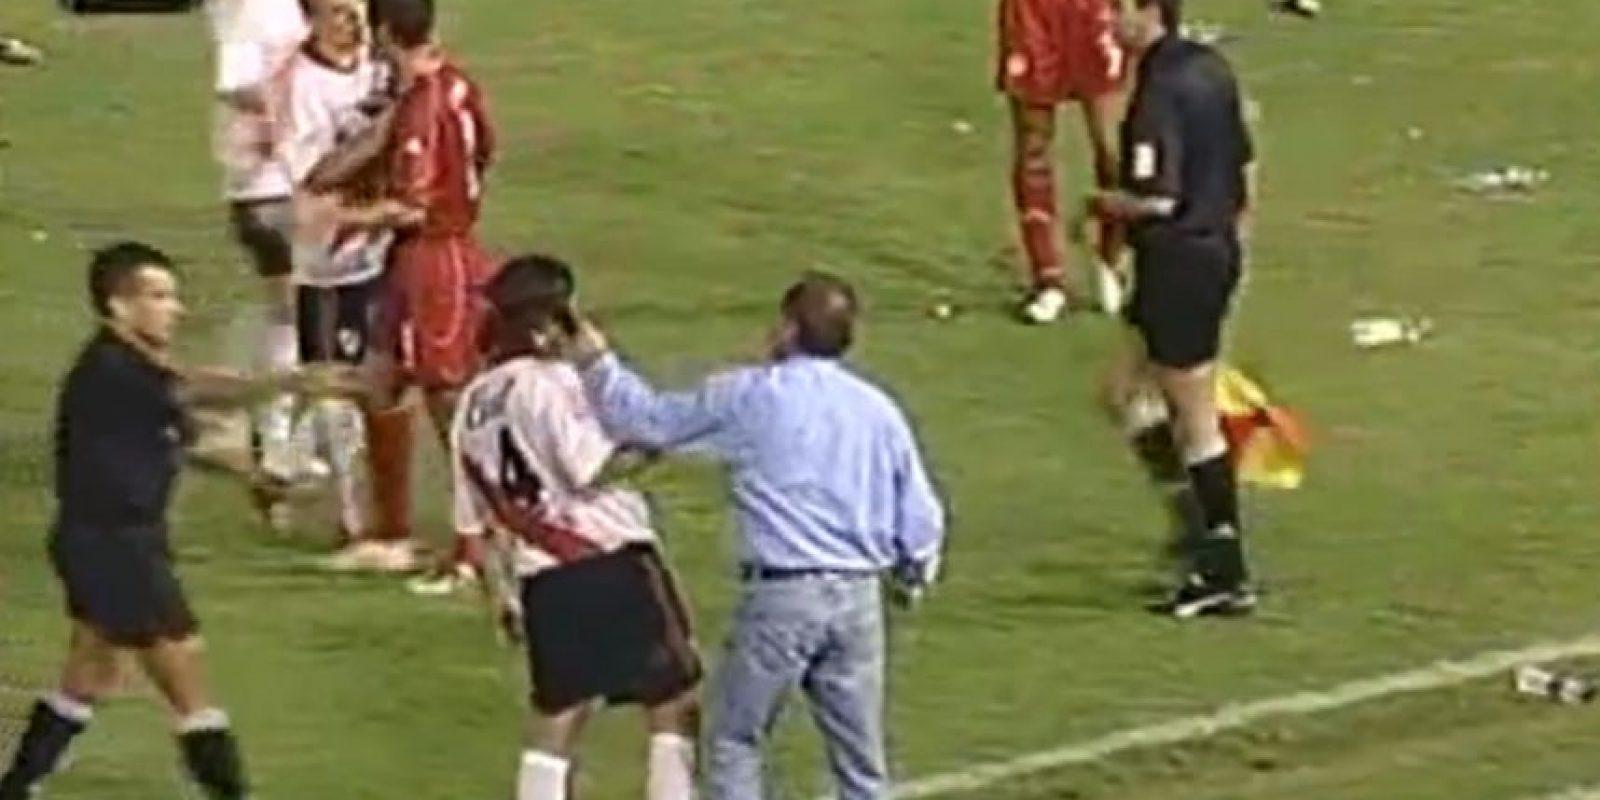 El infierno de River Plate en Cali: El América de Cali venció 4-1 a River Plate en el partido de vuelta de los cuartos de final de la Copa Libertadores Foto:Youtube: Bestiario